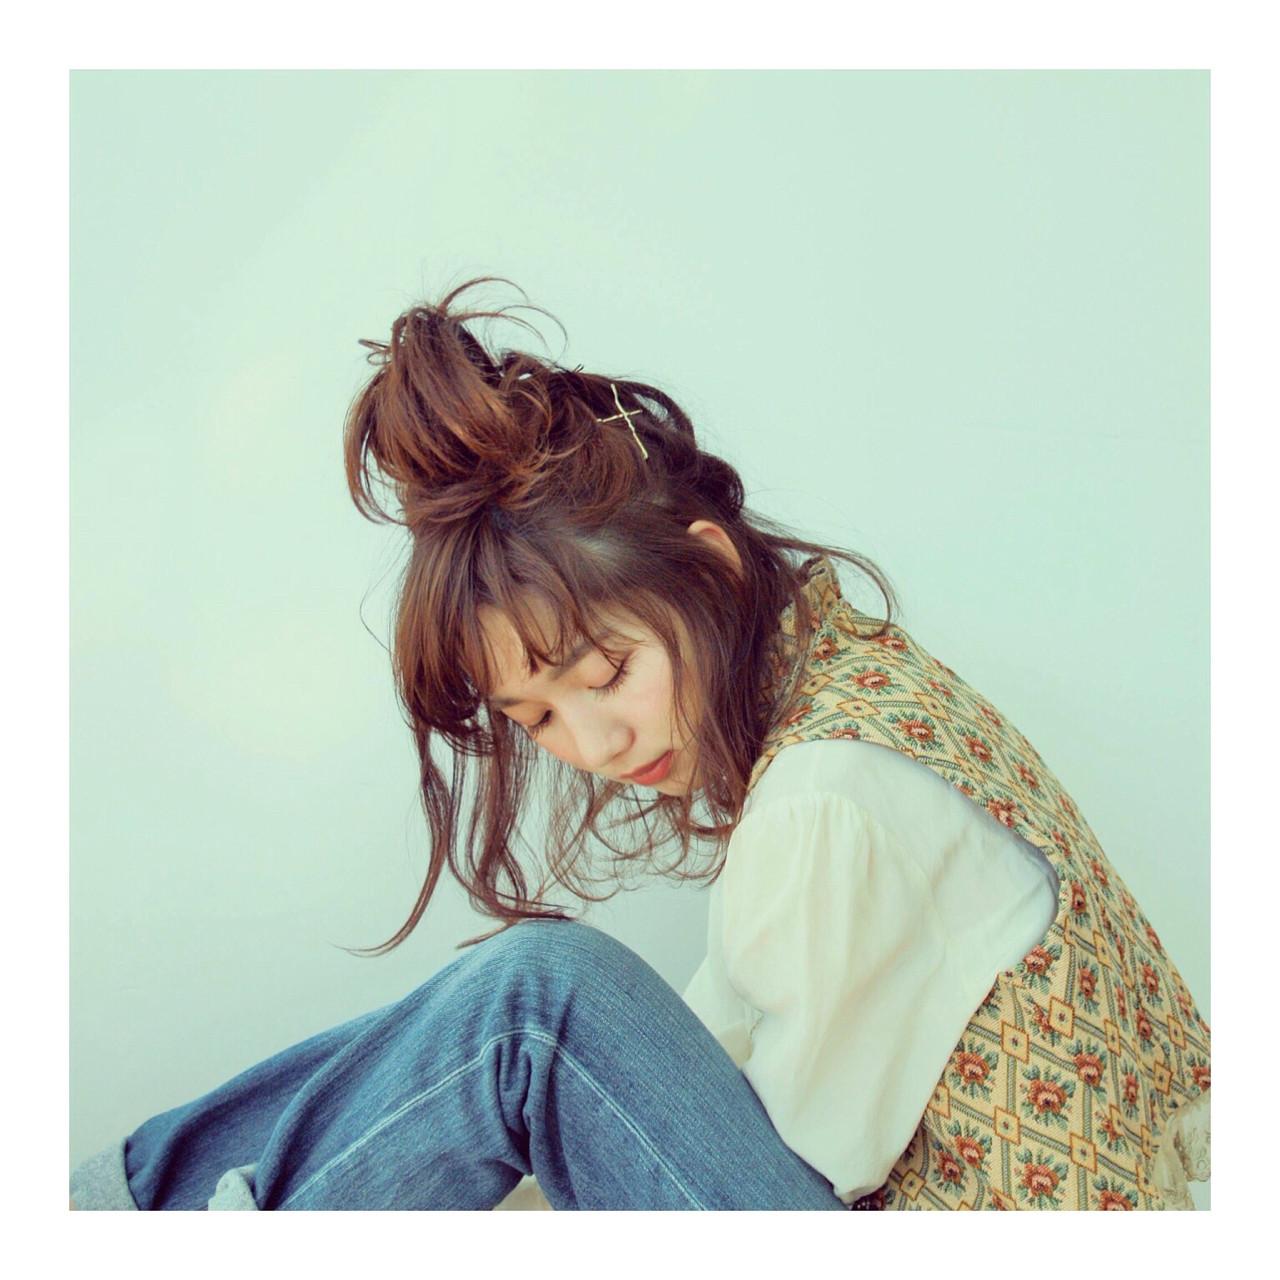 ミディアム お団子 ナチュラル 卵型 ヘアスタイルや髪型の写真・画像 | ふじおか ゆか /